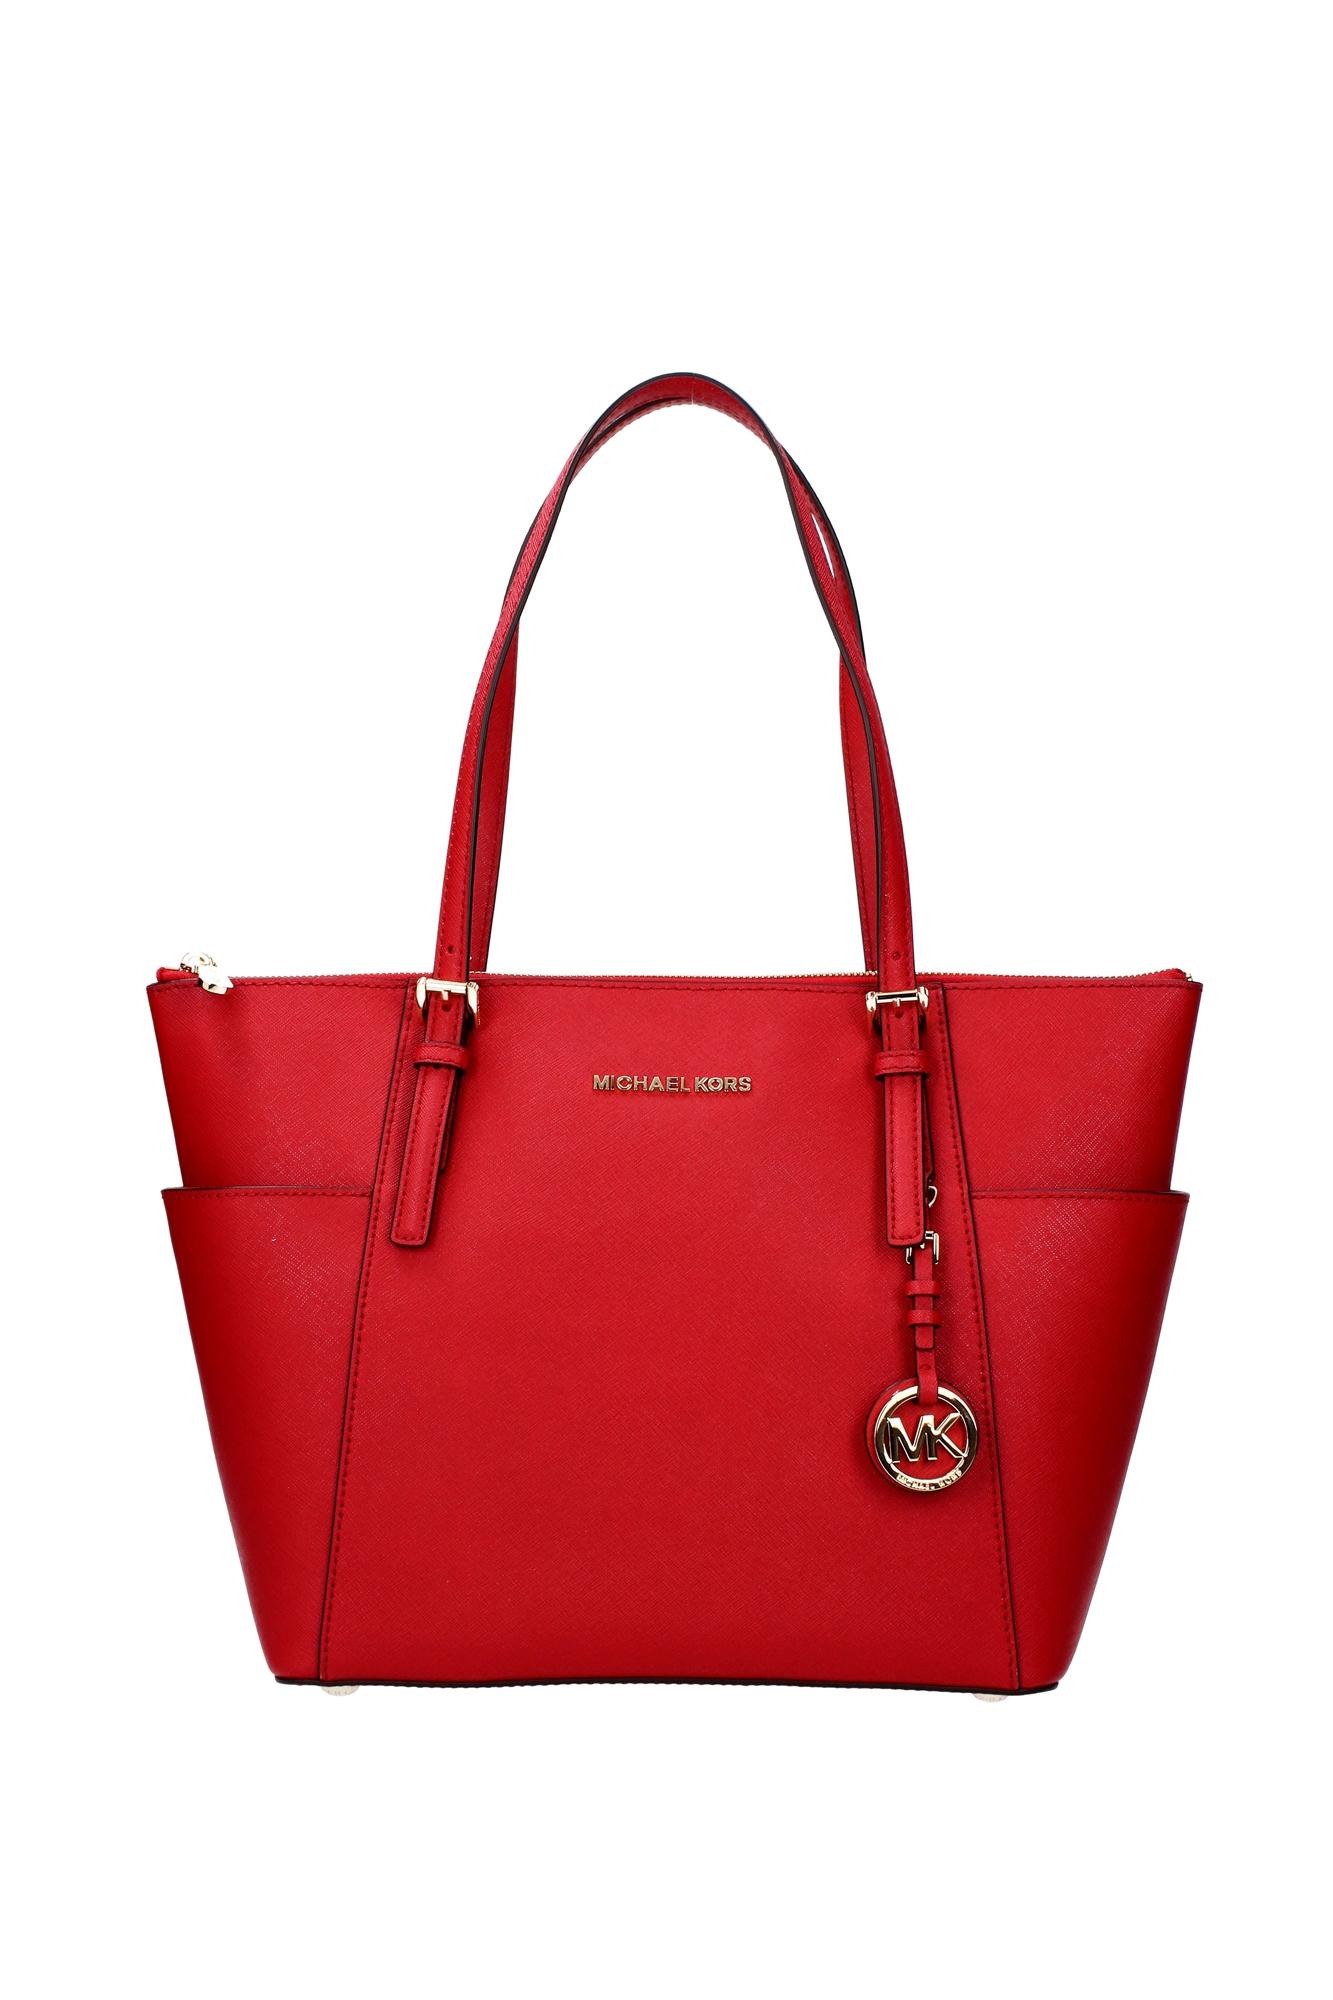 Borse Shopping Michael Kors Donna Pelle Rosso 30f2gttt8lbrightred - michael kors - ebay.it